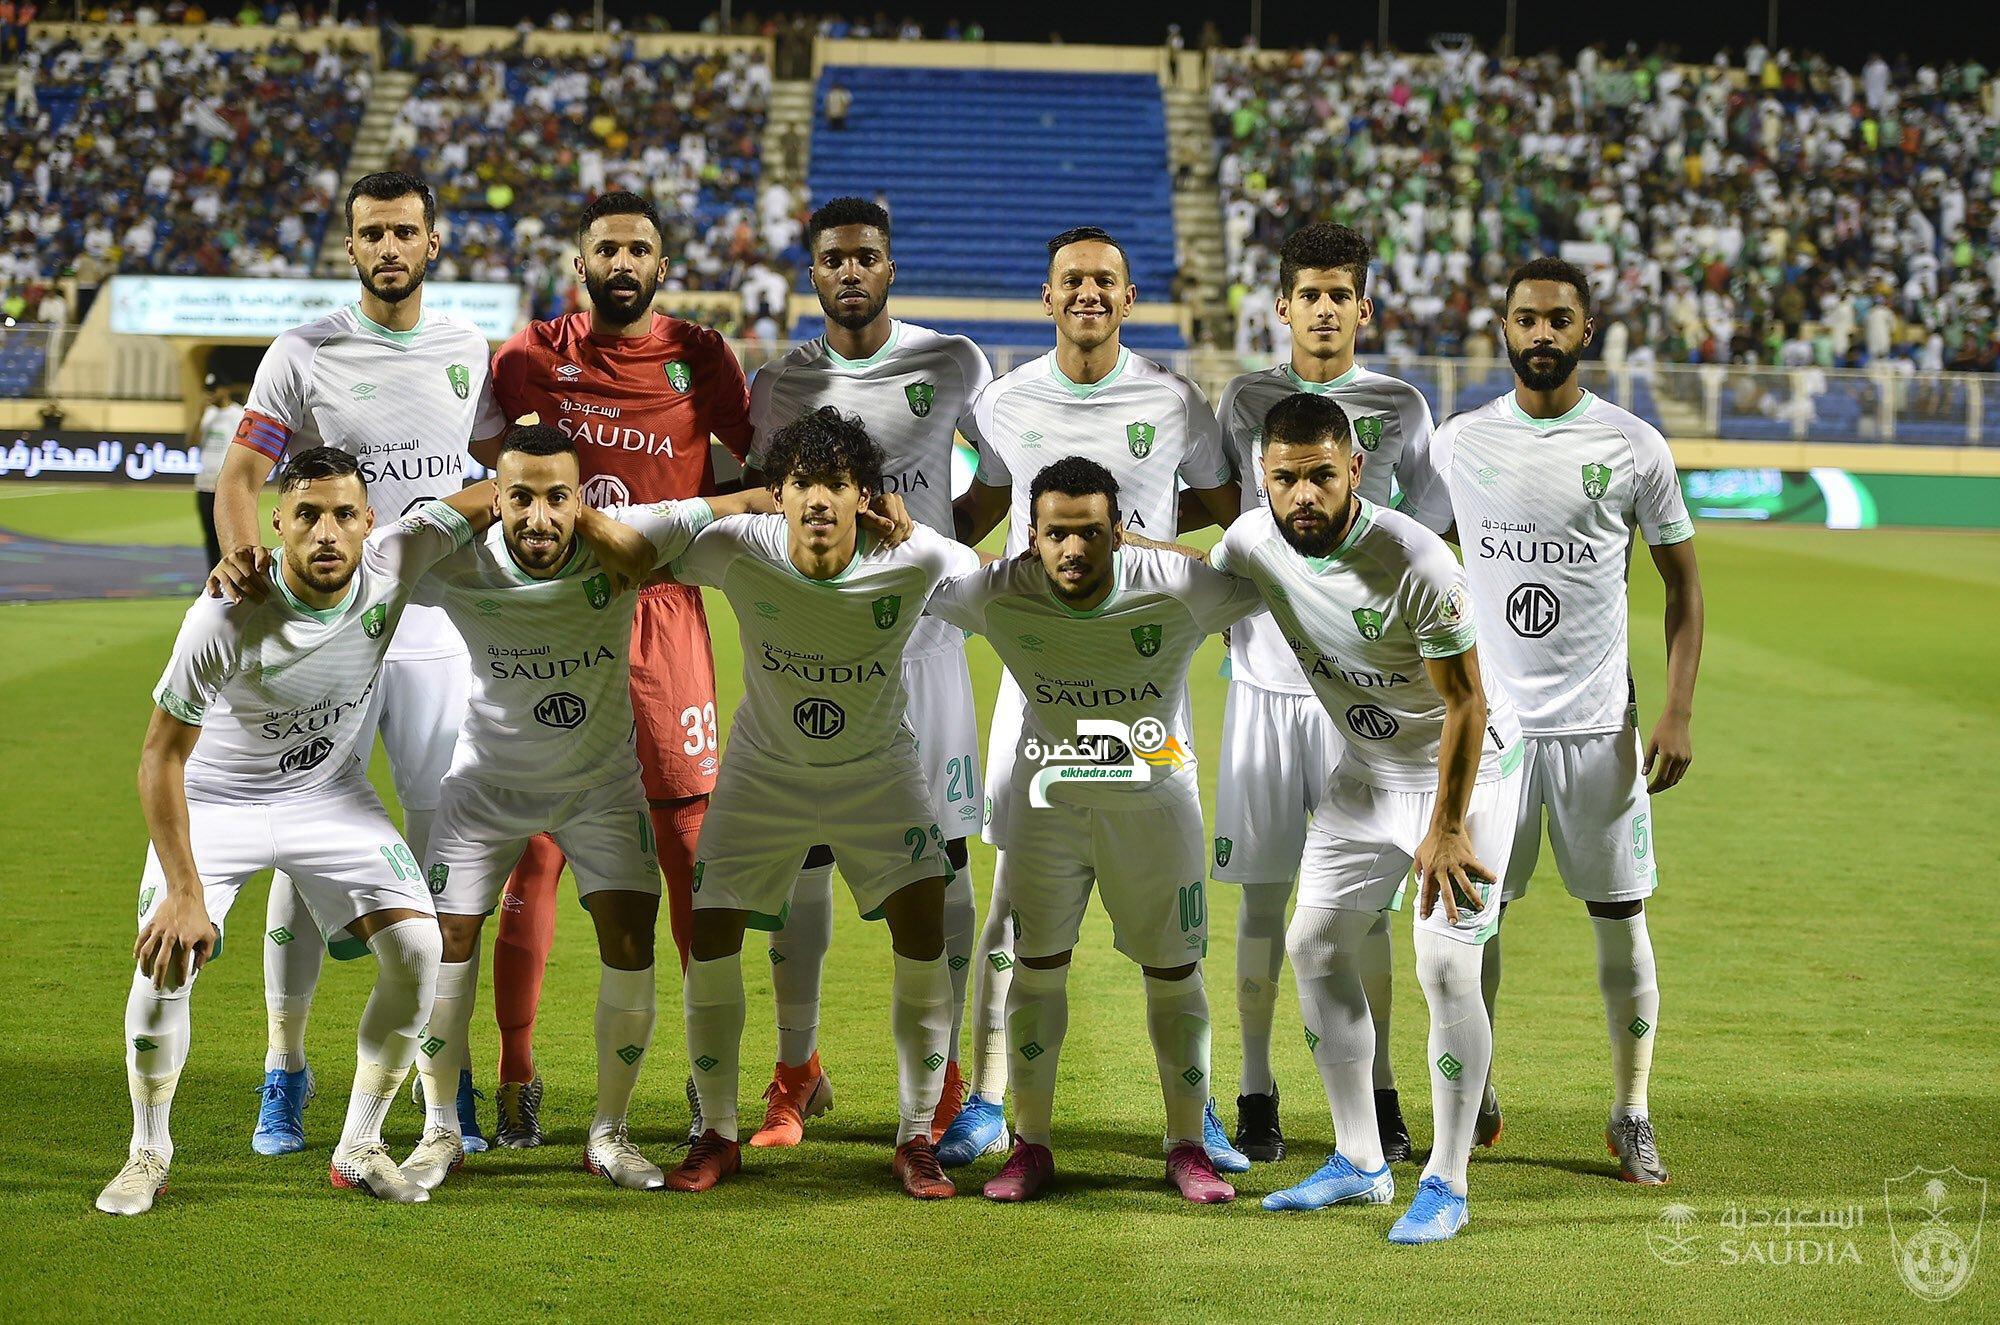 بلايلي أساسي في فوز الاهلي السعودي على الفتح 23